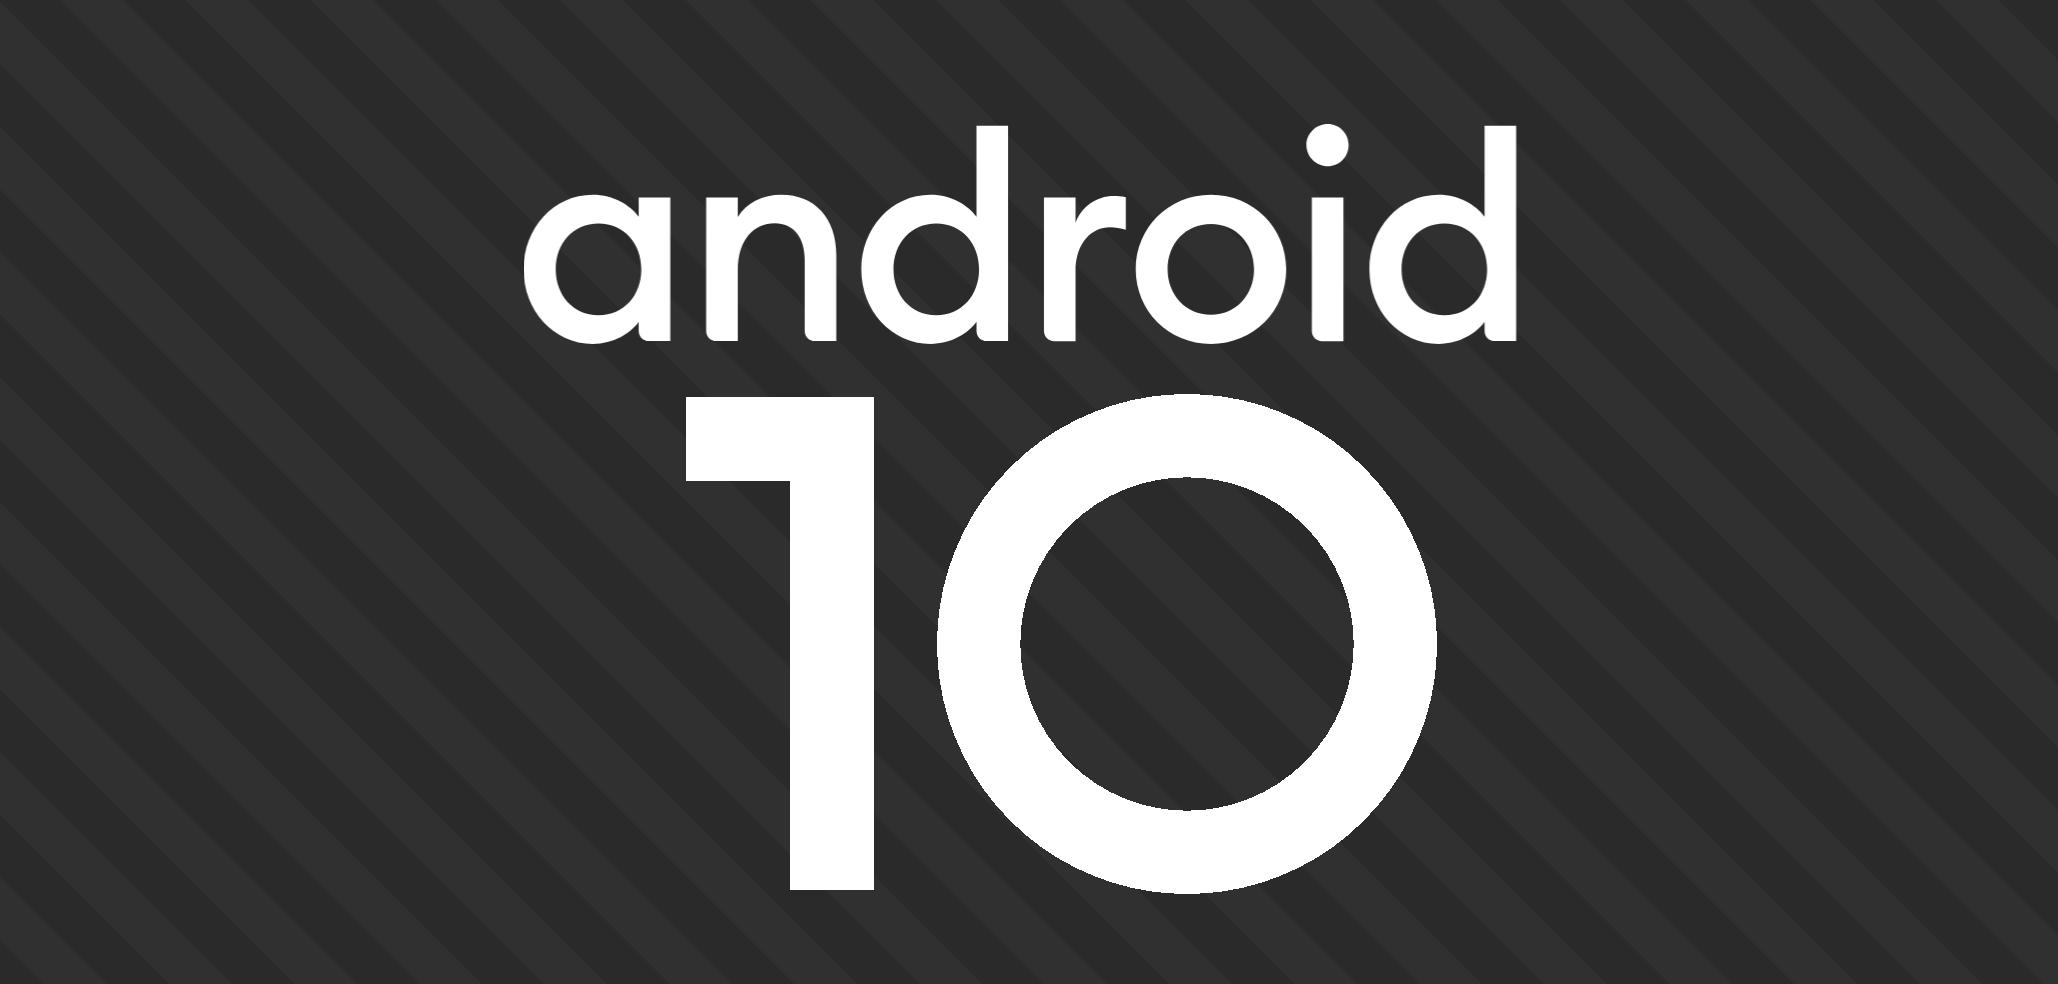 LG non si è dimenticata di Android 10: parte la beta in Corea, LG G8 sarà il primo ad essere aggiornato